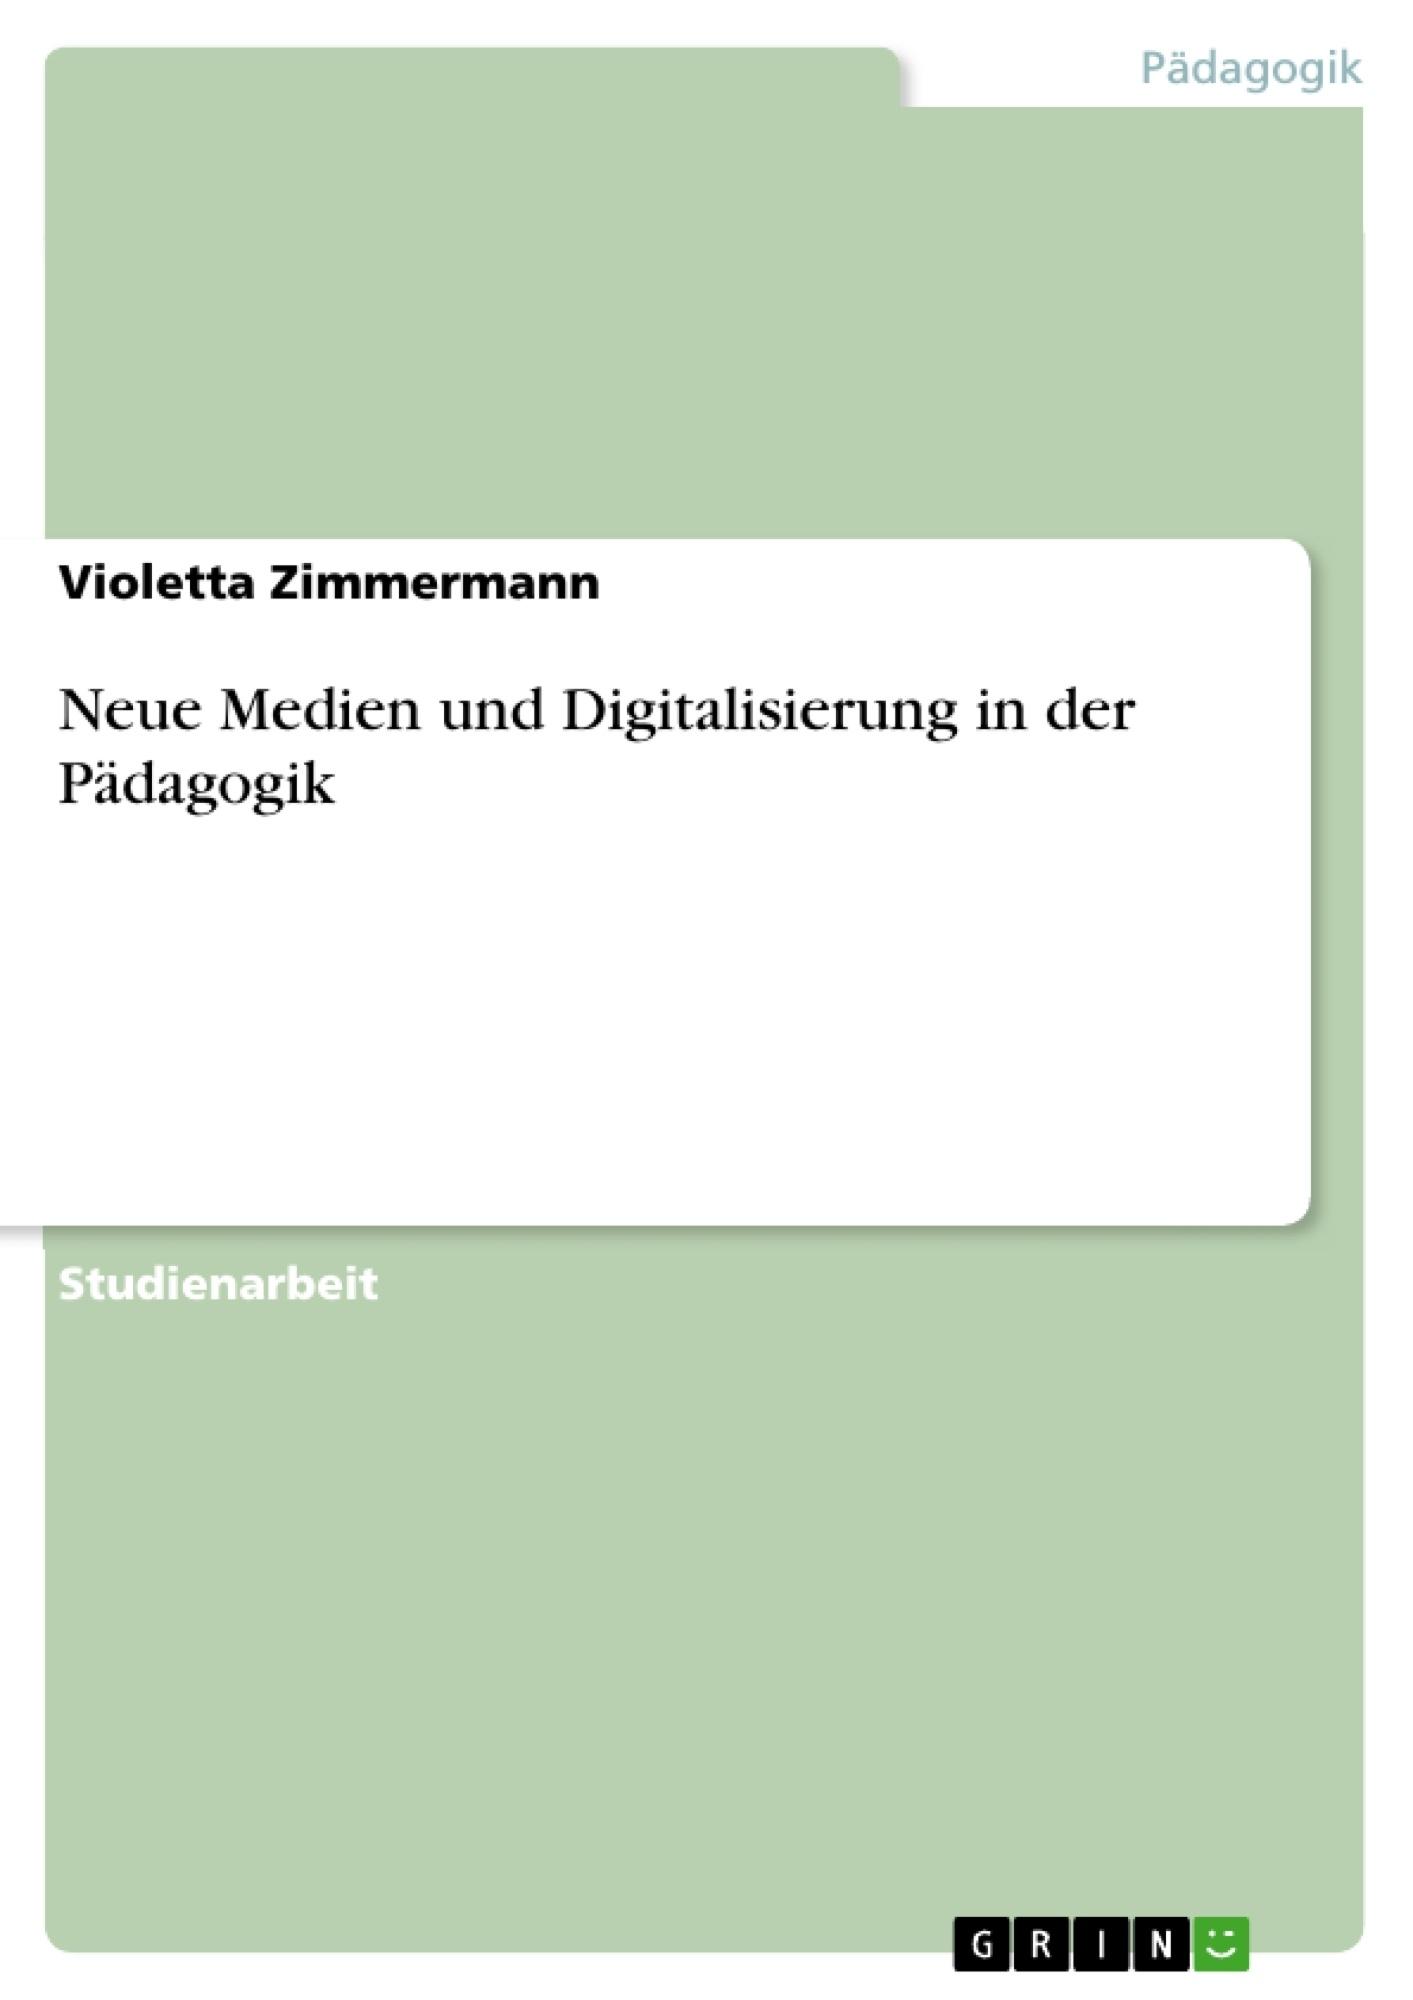 Titel: Neue Medien und Digitalisierung in der Pädagogik